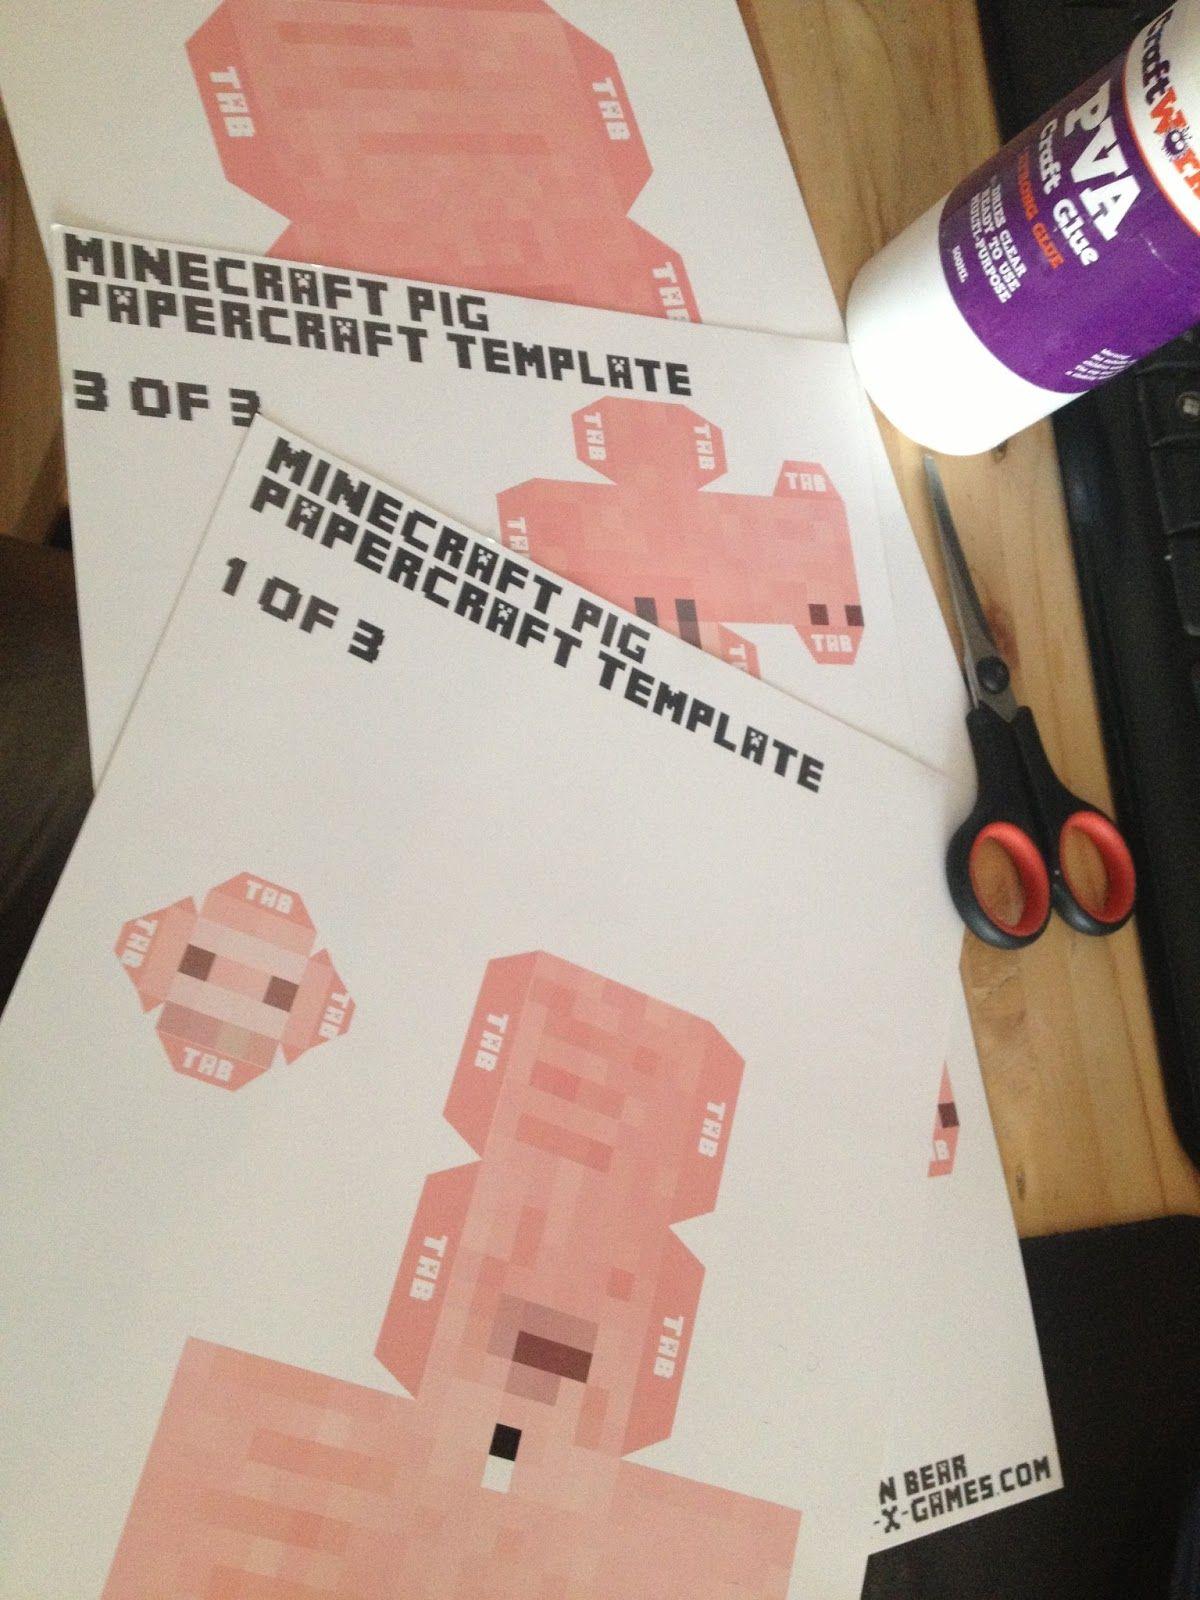 Télécharger gratuitement la version complète du jeu Minecraft. Le jeu intègre un système de craft axé sur l'exploitation et la récolte de ressources naturelles. Au début le jeu s'appelait Cave Game, puis le nom définitif a été inventé et choisi pendant une conversation IRC (discussion relayée par internet)...